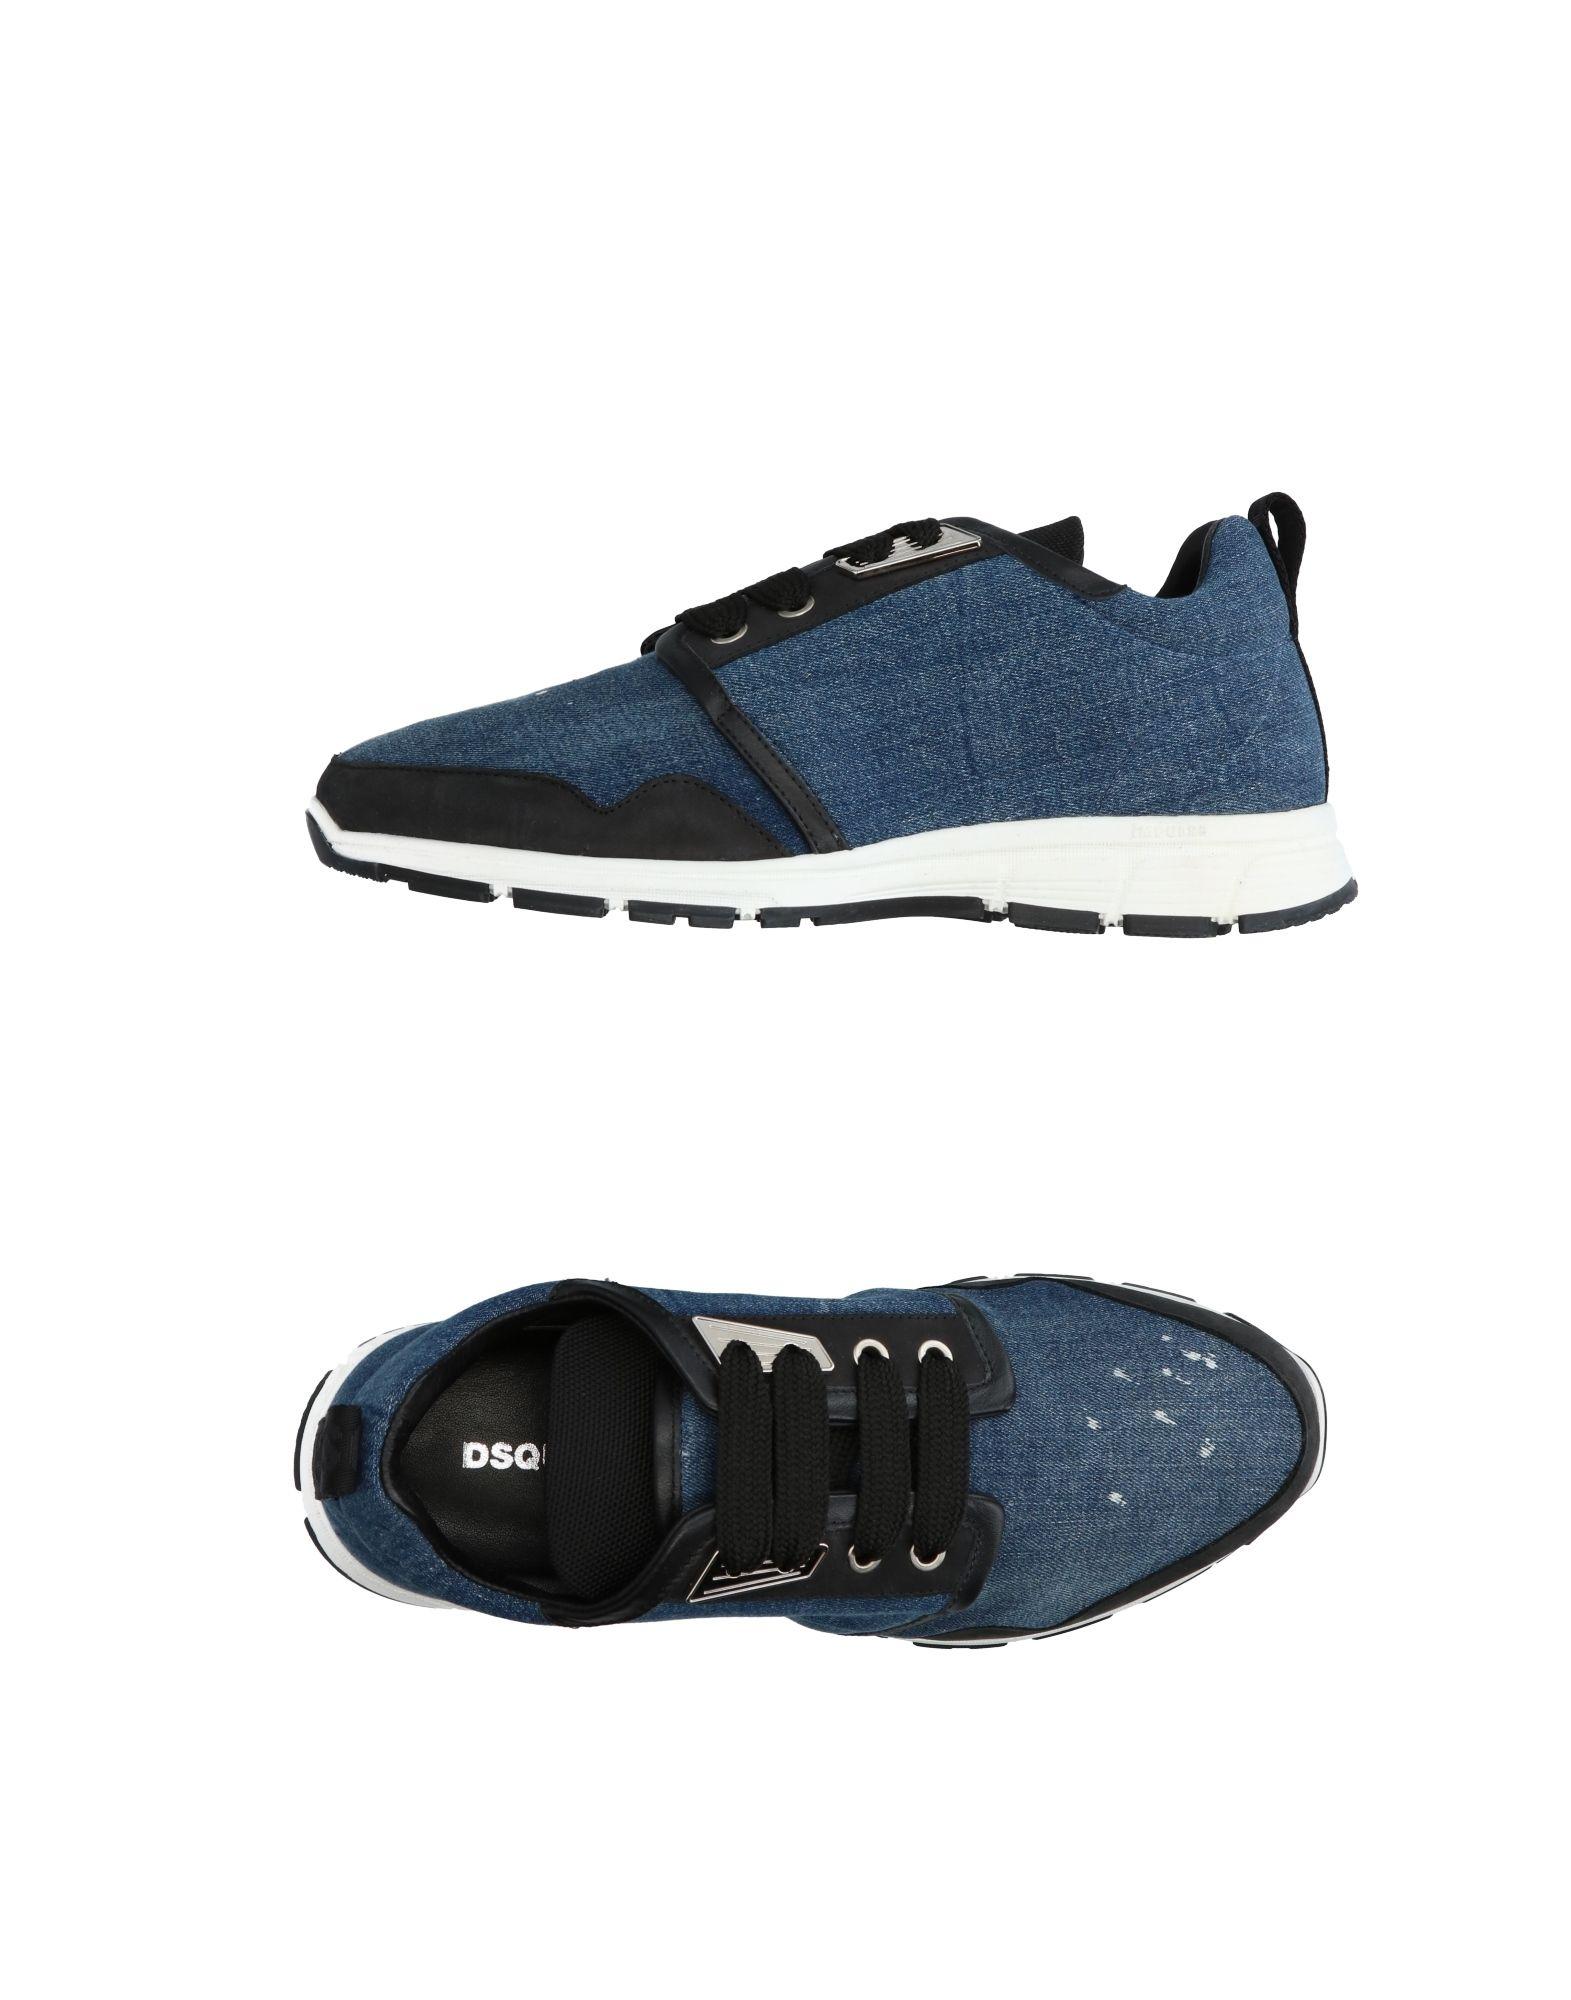 Zapatillas Dsquared2 Hombre - Zapatillas Dsquared2   Dsquared2 Azul marino dba045